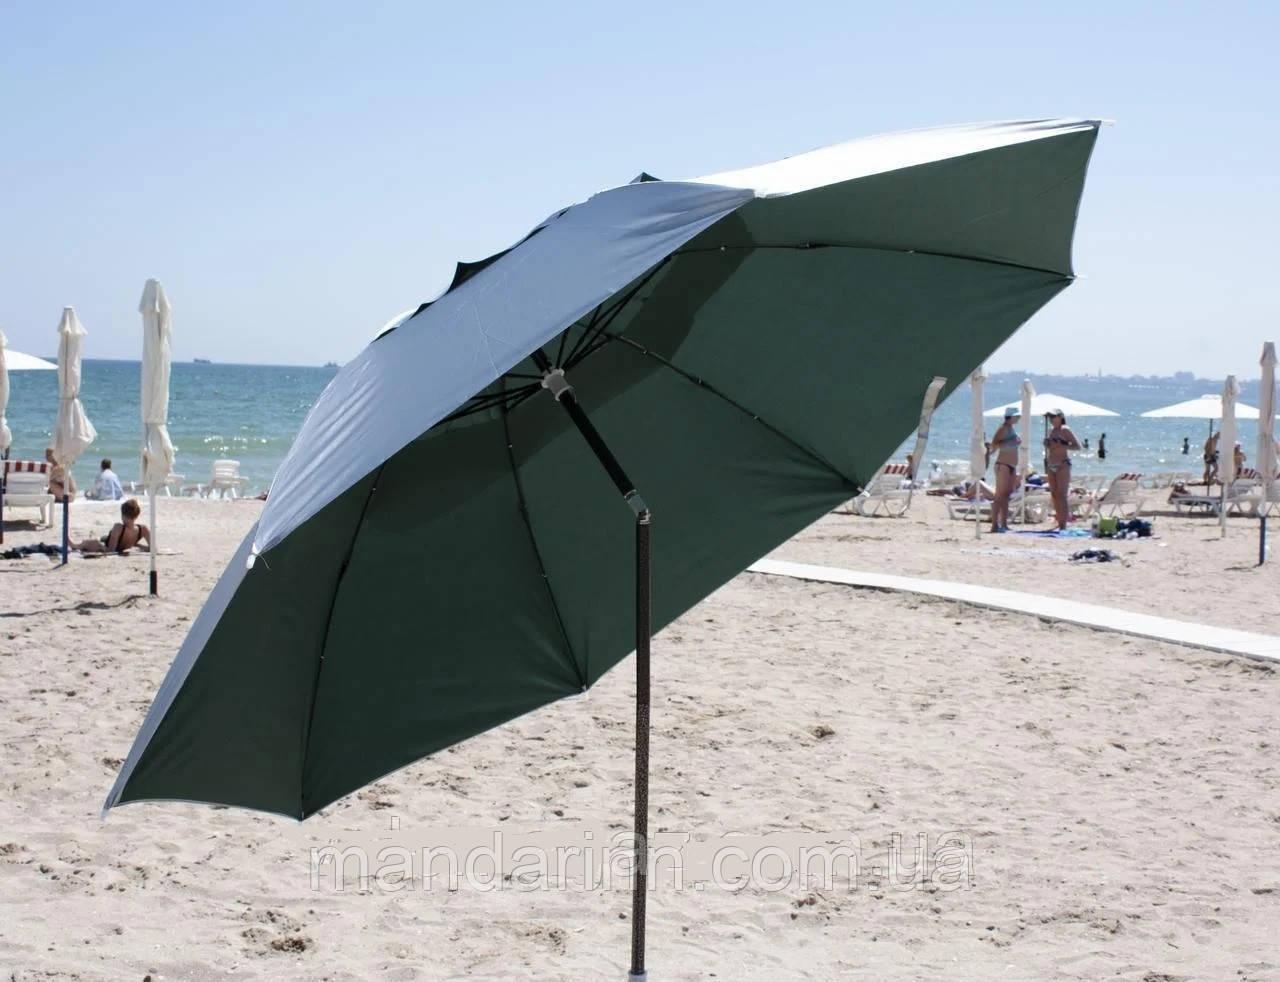 Пляжний зонт компактний, складаний, 160см, блакитний і зелений колір - фото 1